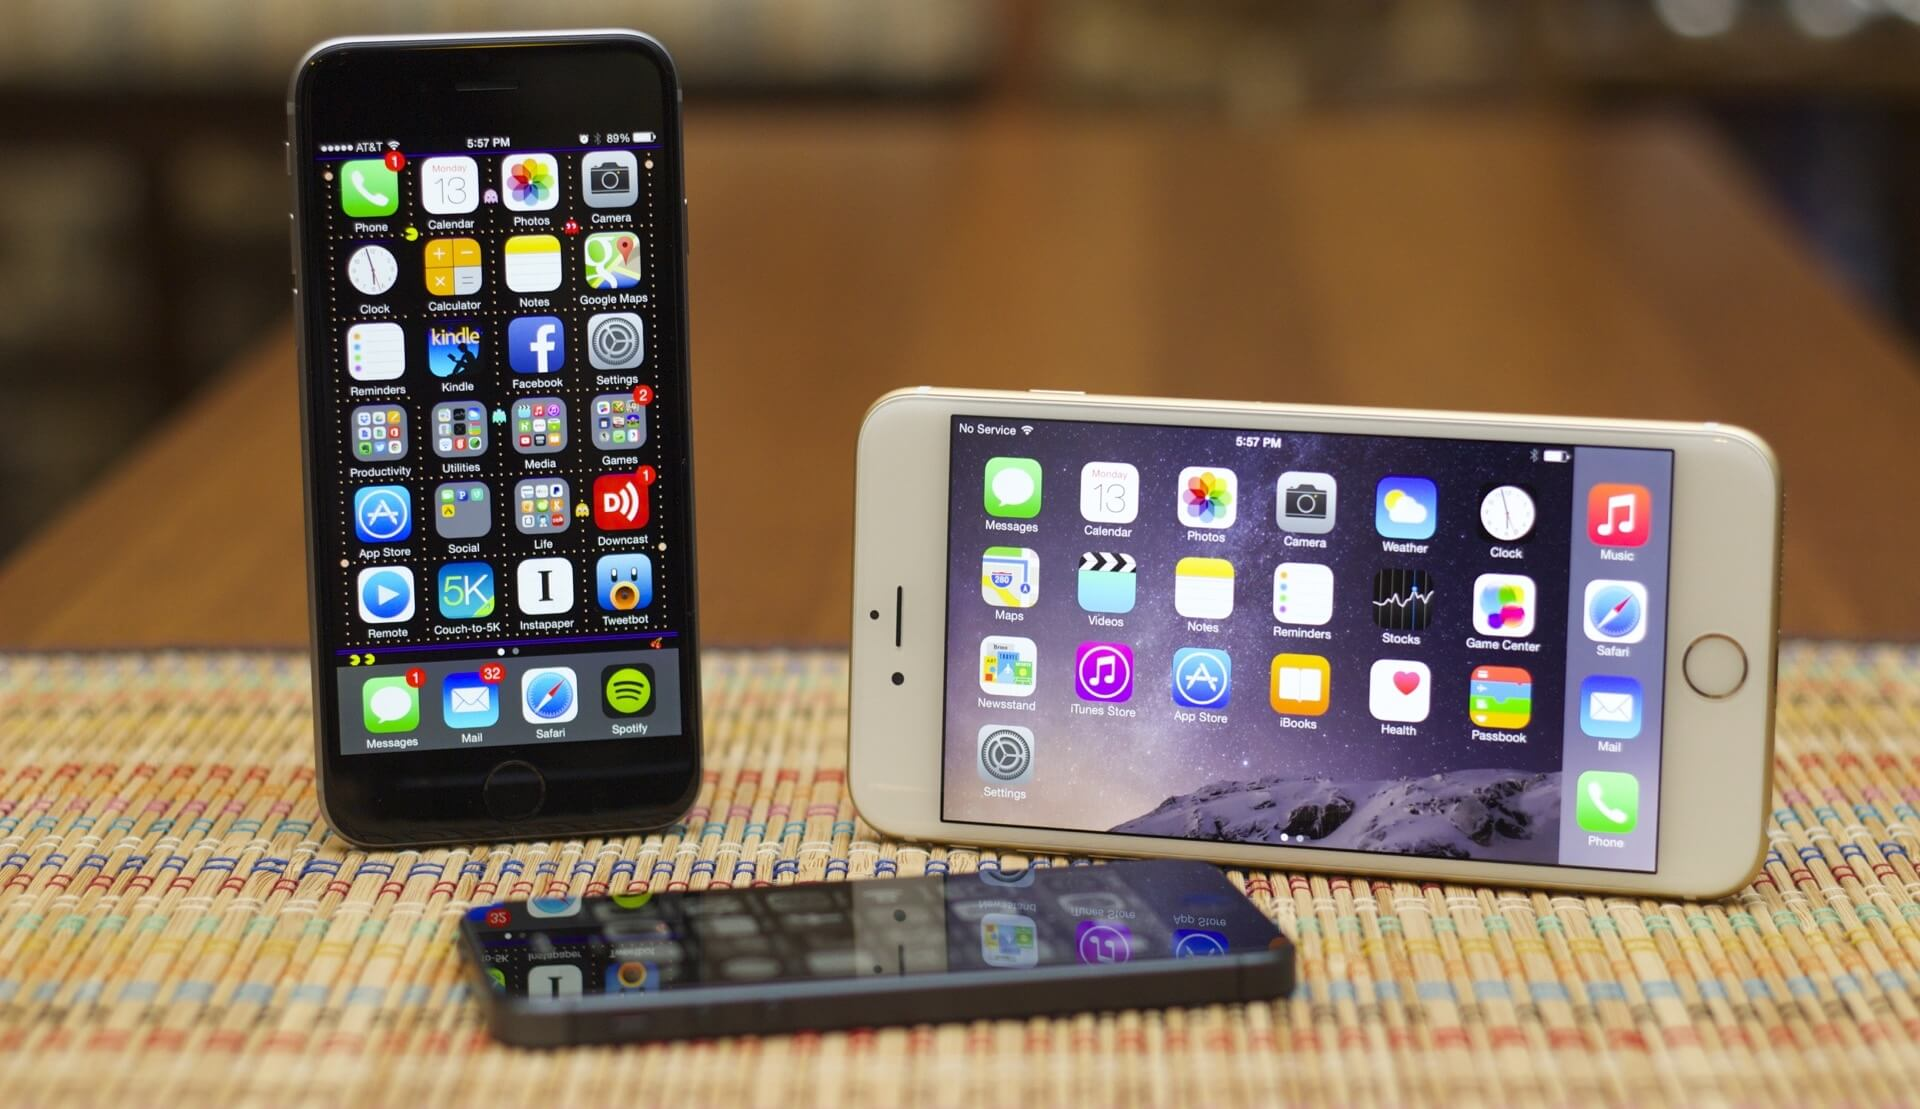 Czego się można spodziewać w nowych urządzeniach Apple?